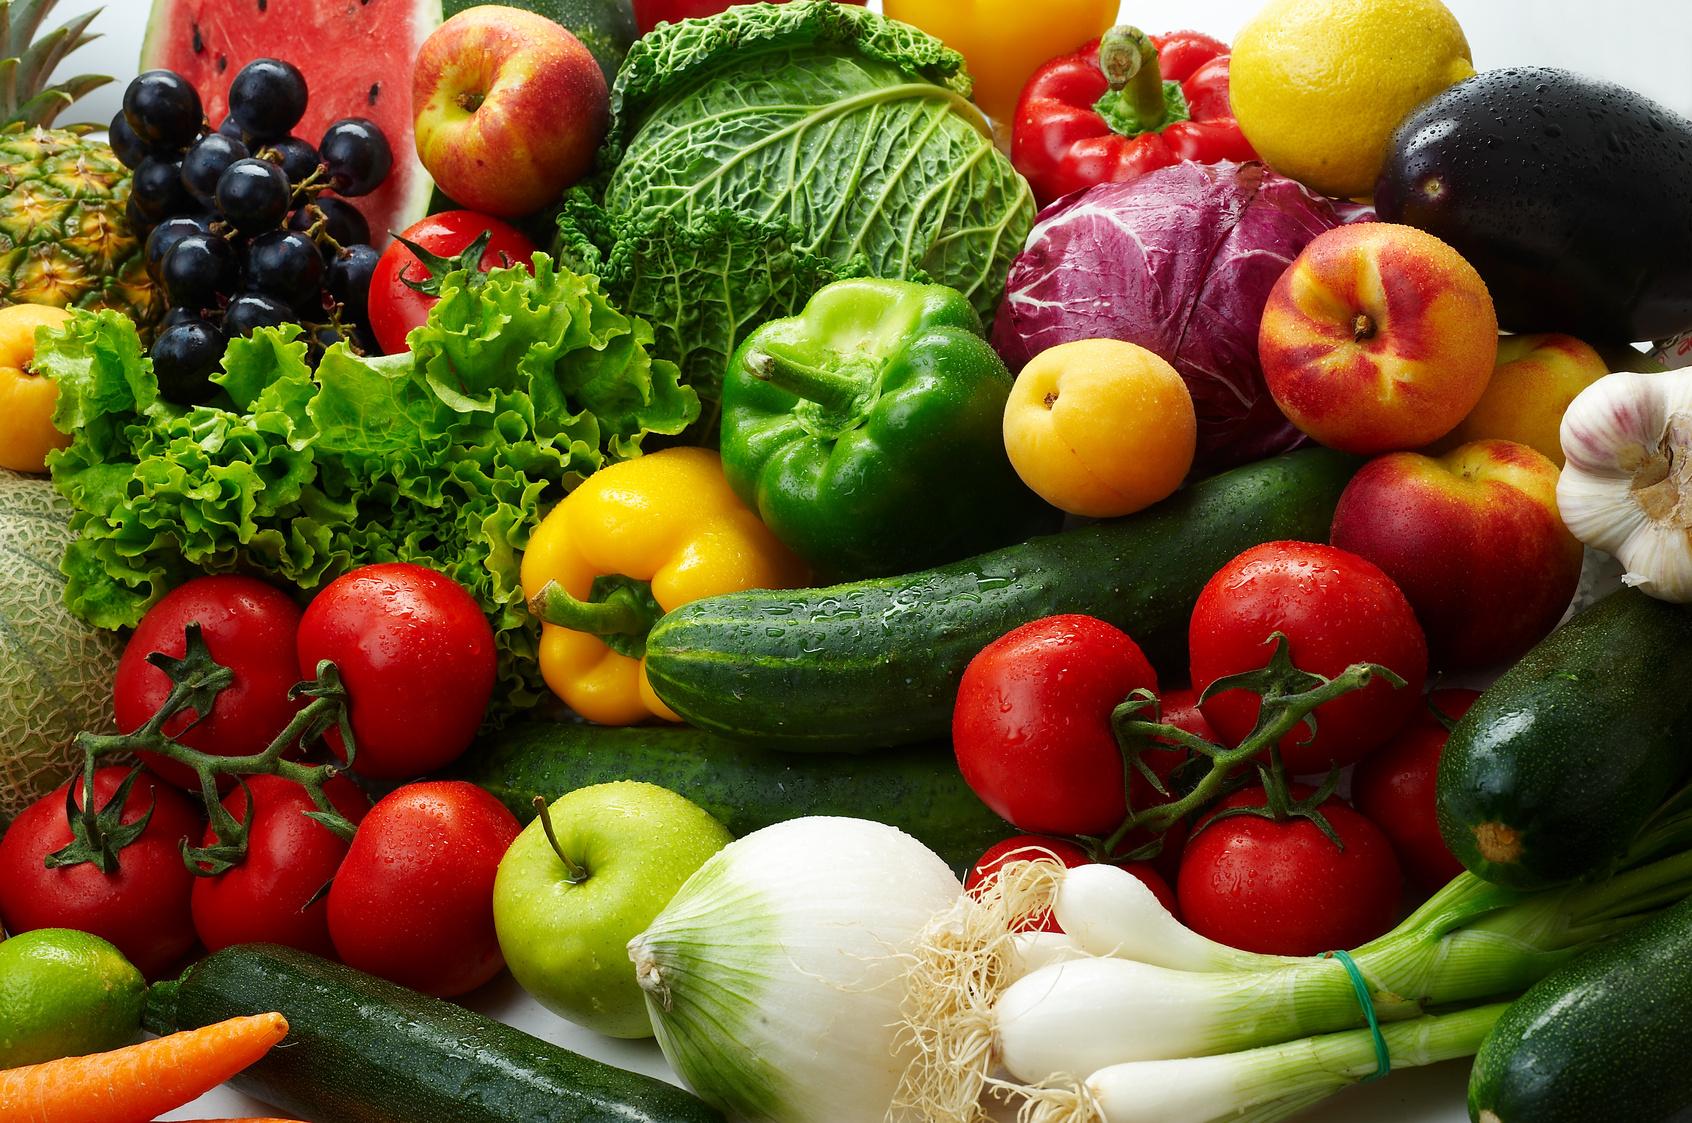 Artikelgebend ist der Ernährungstrend Raw Food.